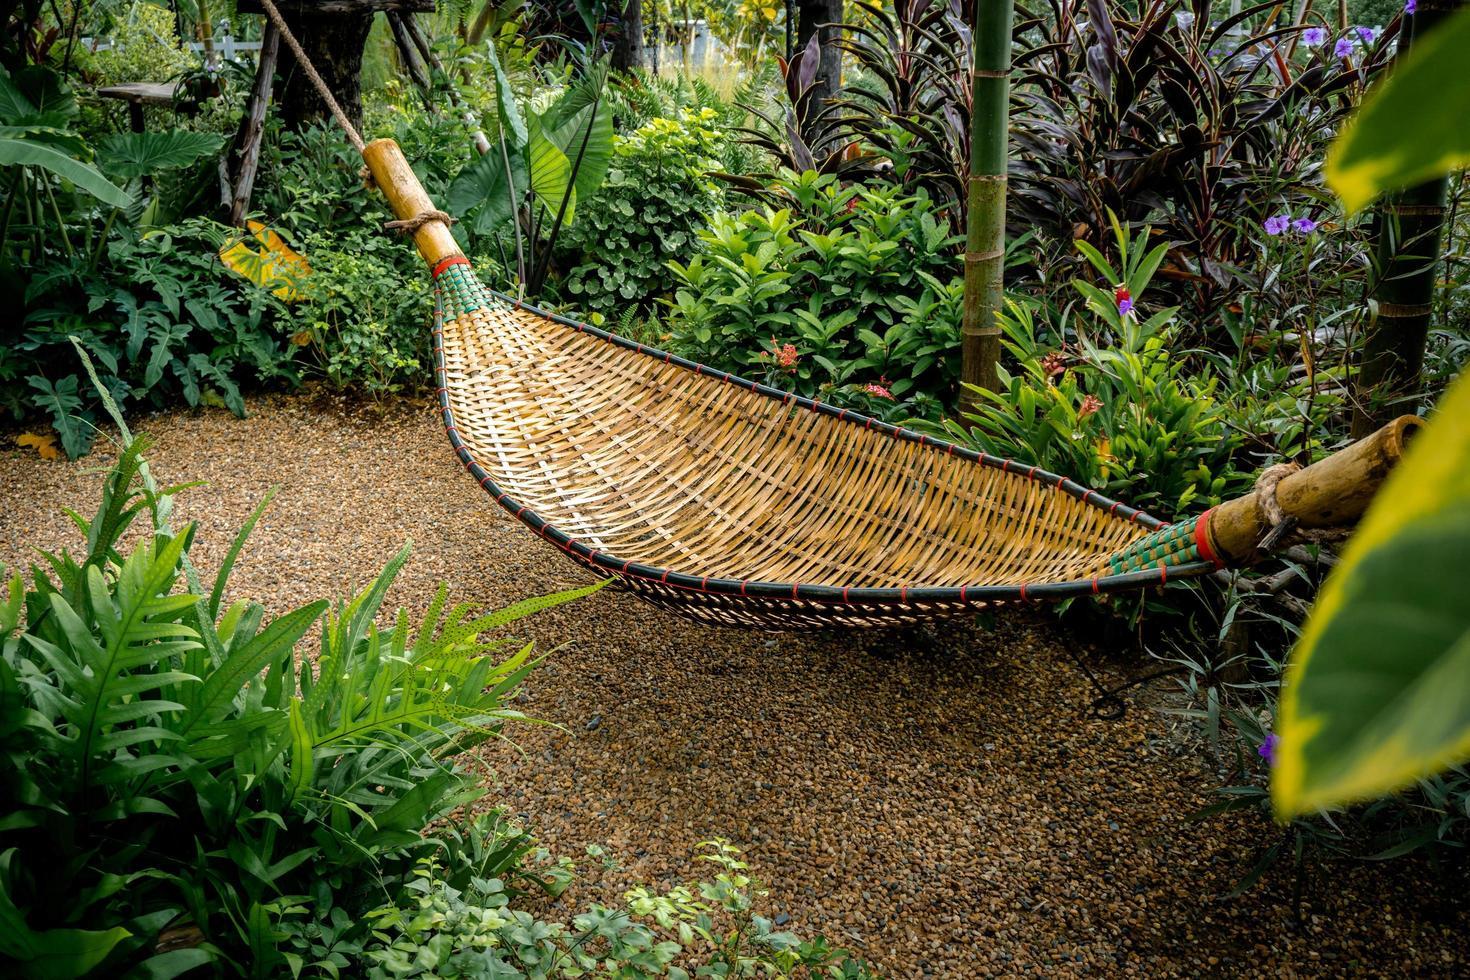 bambu vagga i parken foto